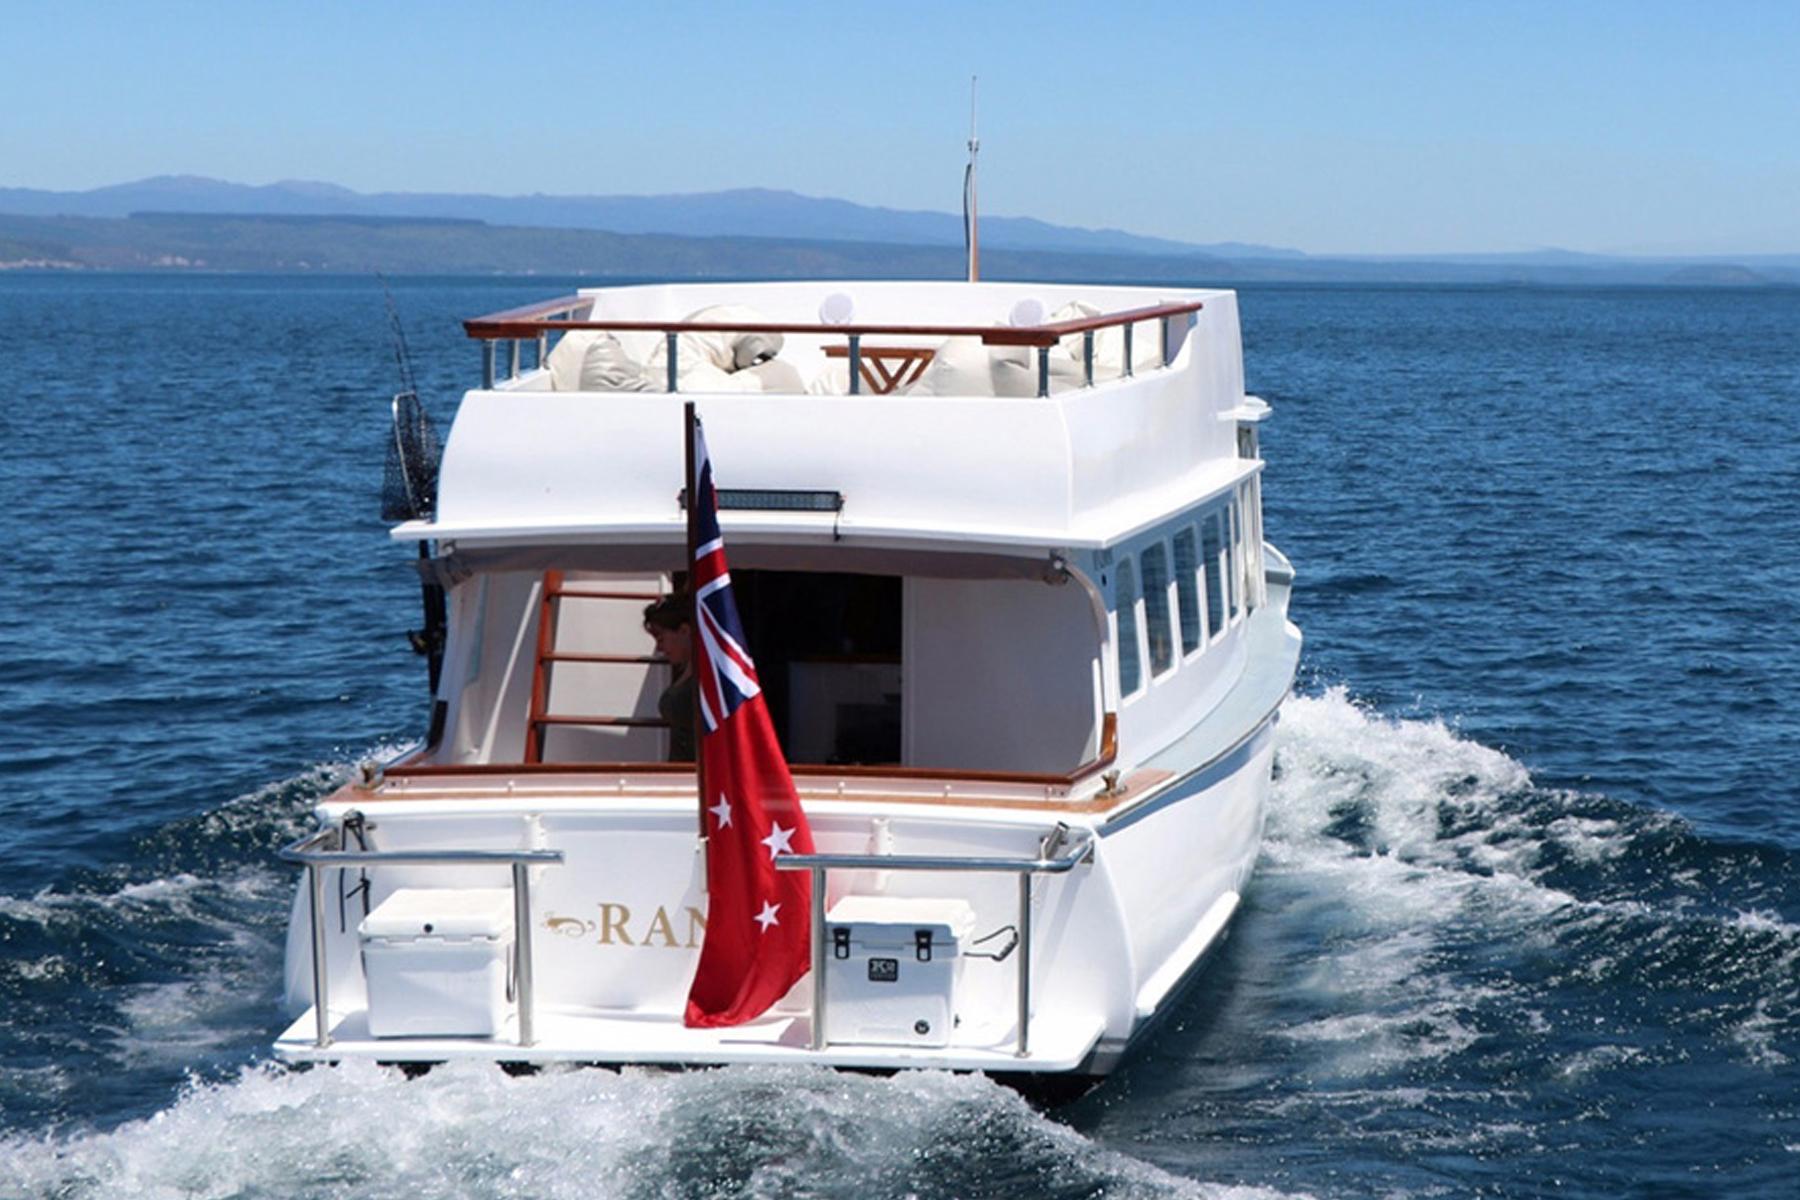 NEW_0024_ranui boat.jpg